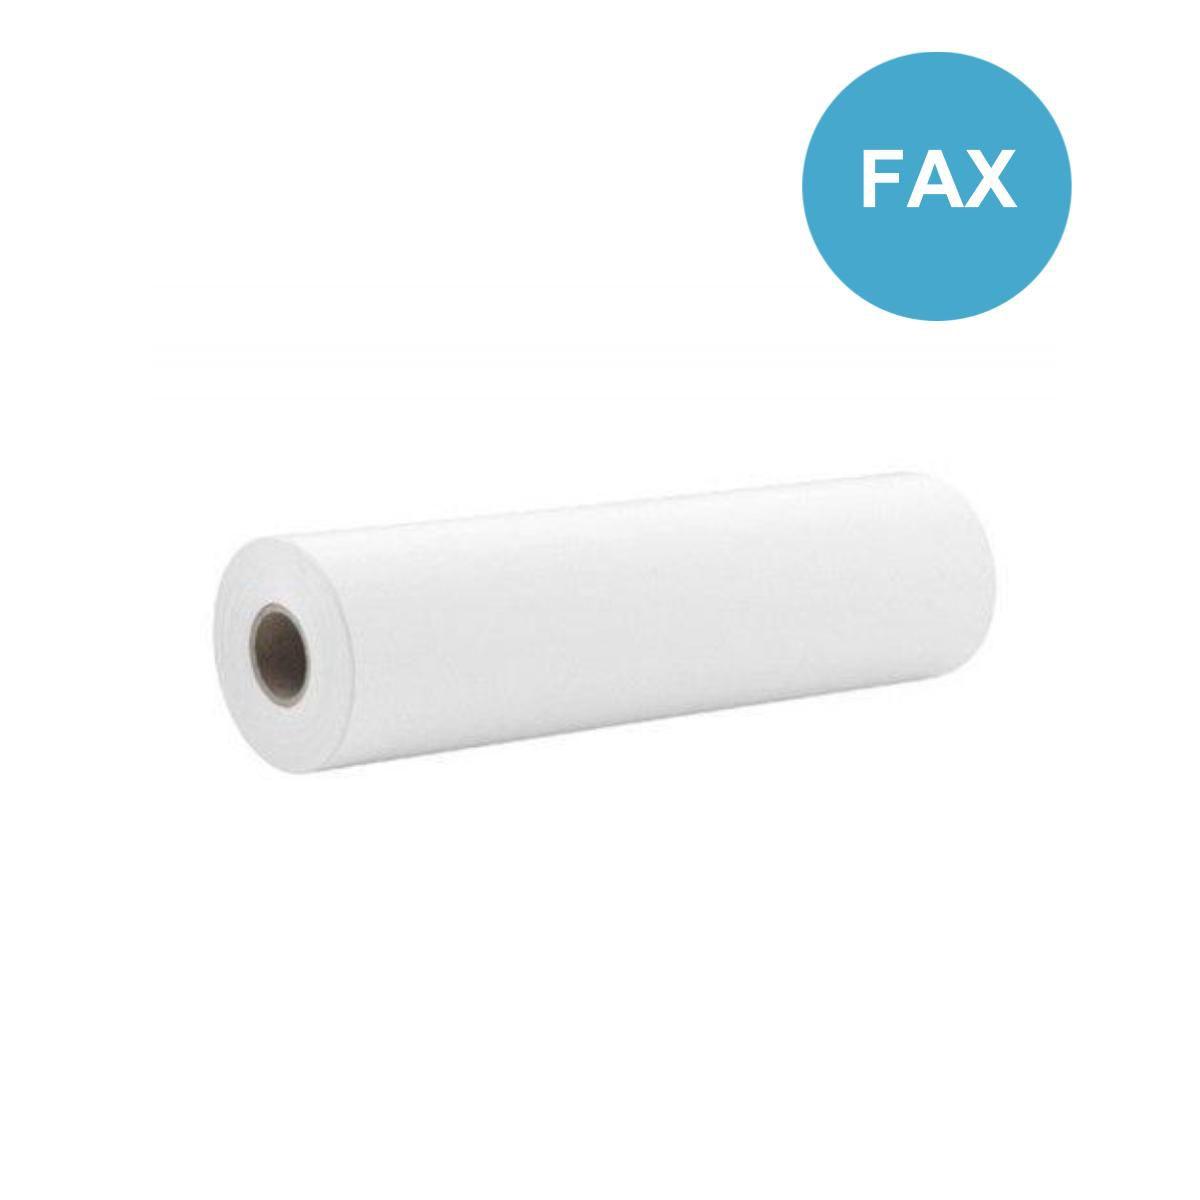 Bobina Para Fax 216x30m Regispel